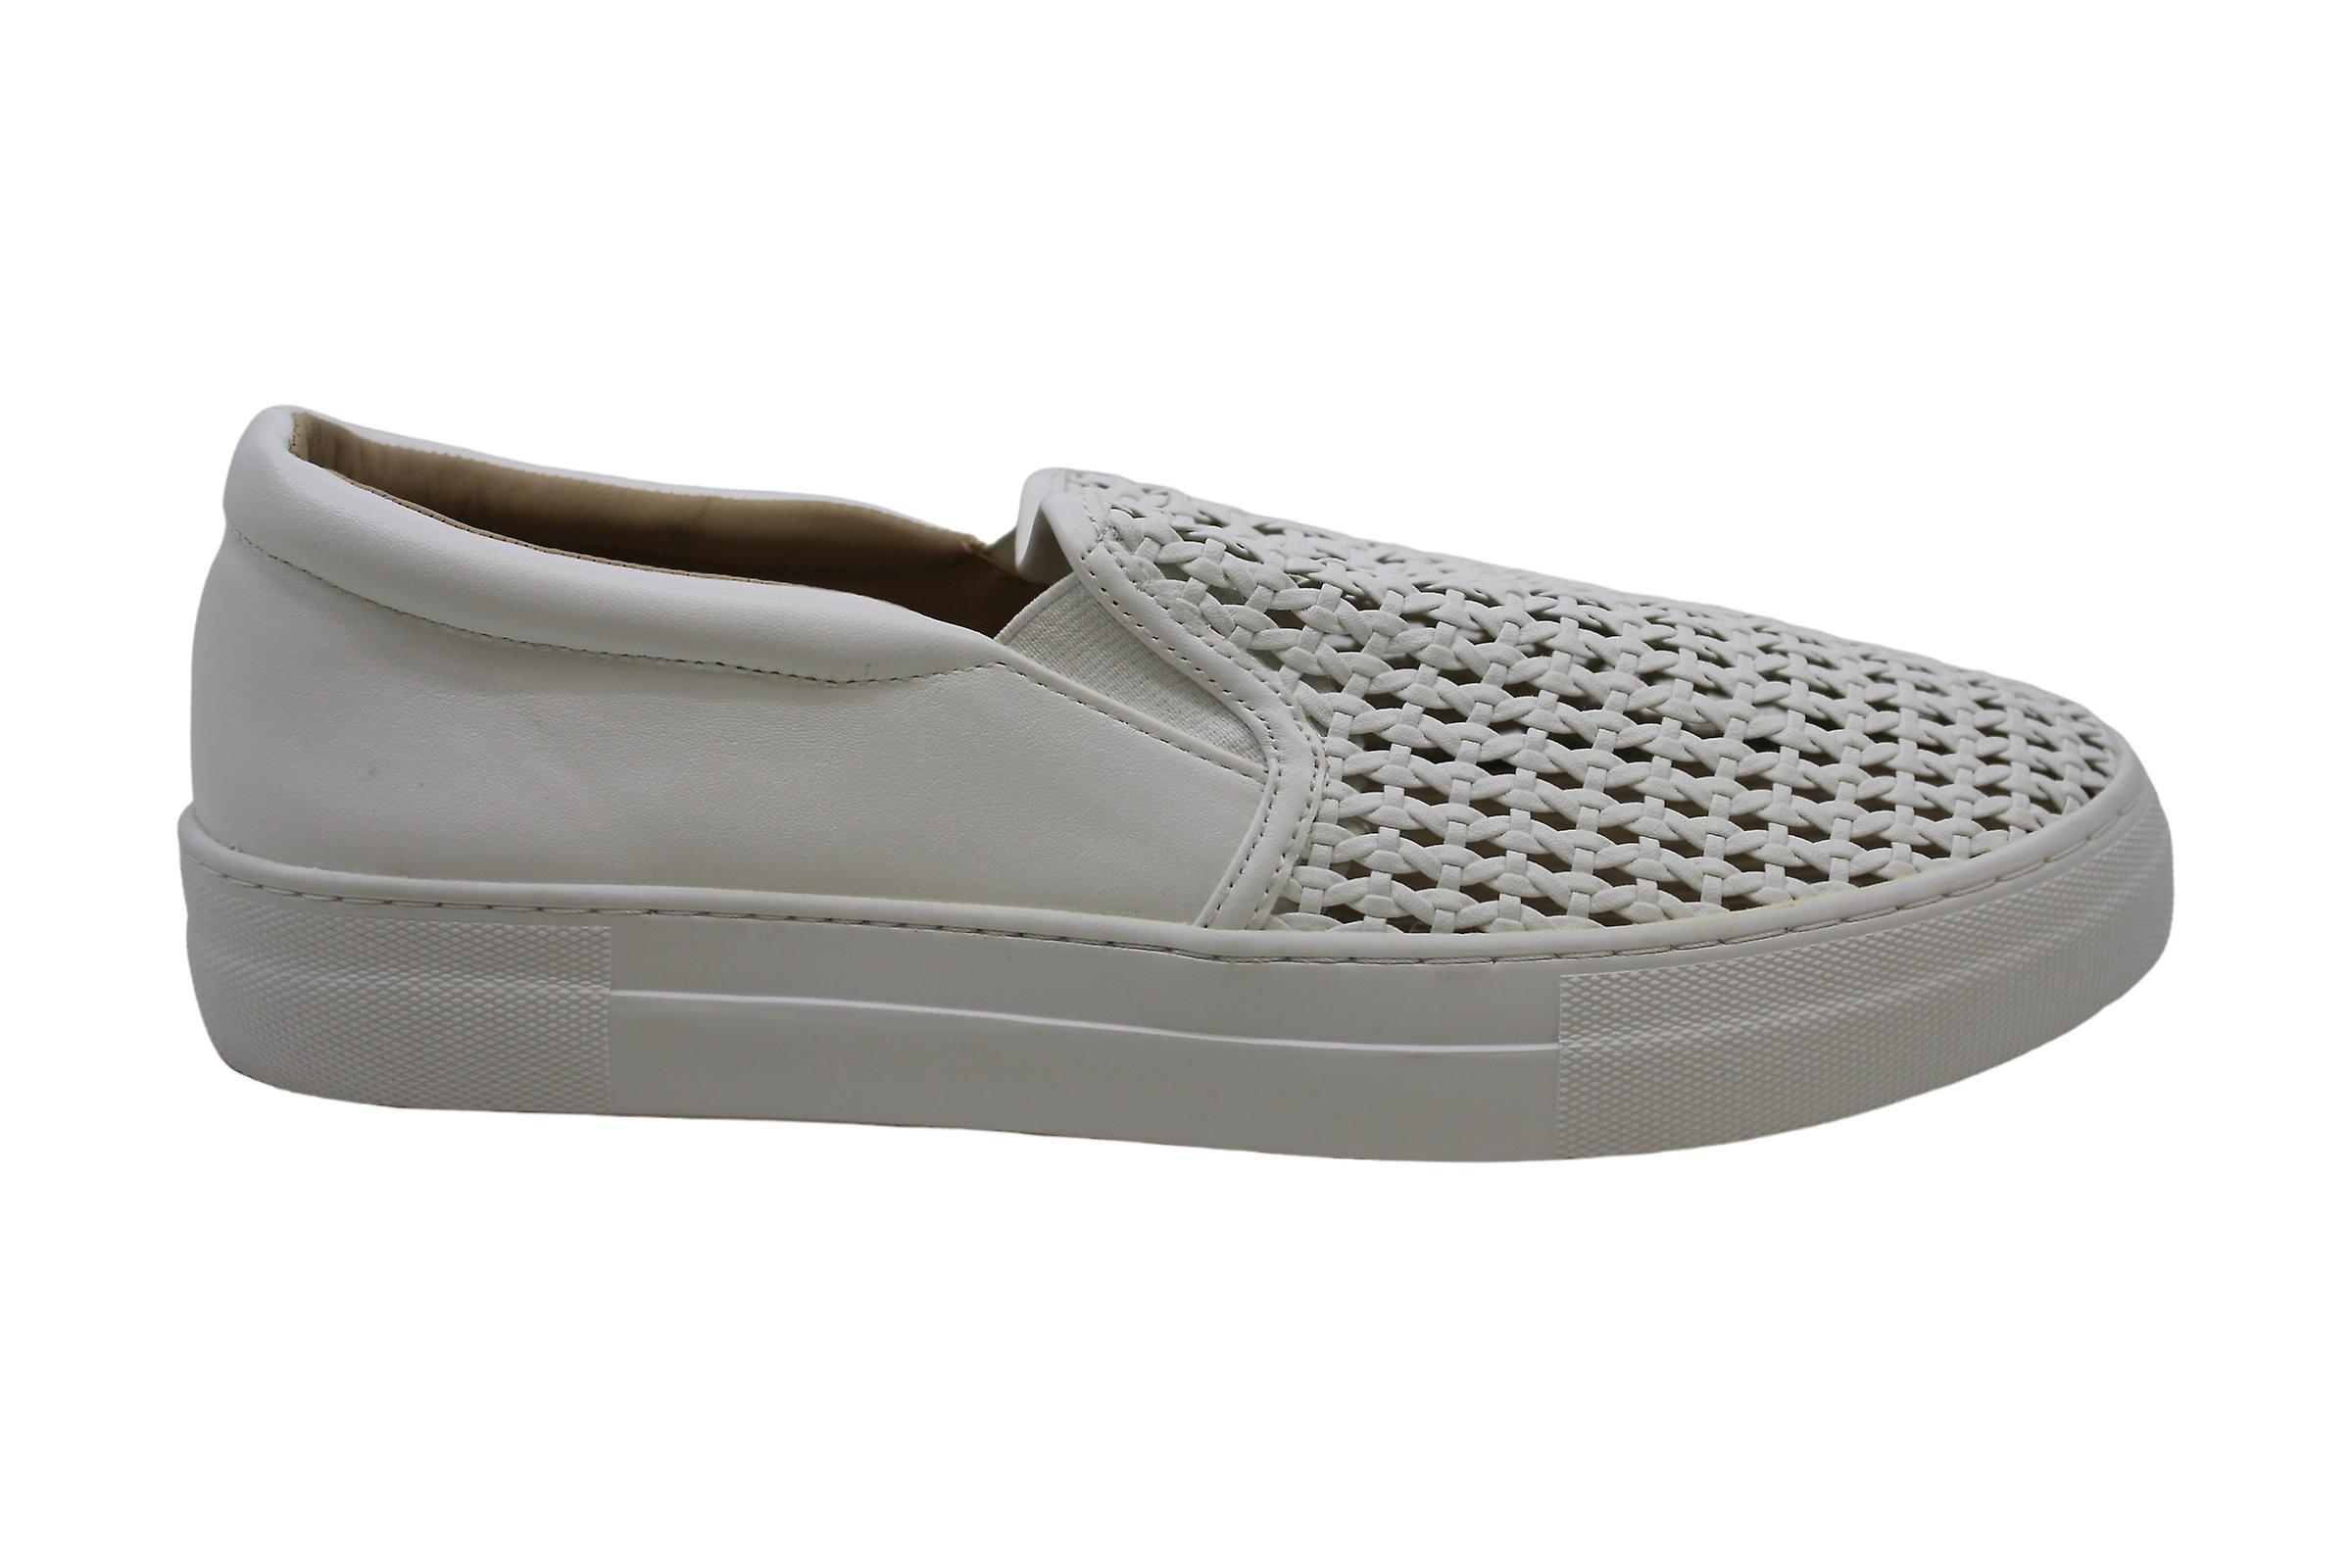 Steve Madden Stopniowe Sneaker Srebrny 6,5 M K5cJr